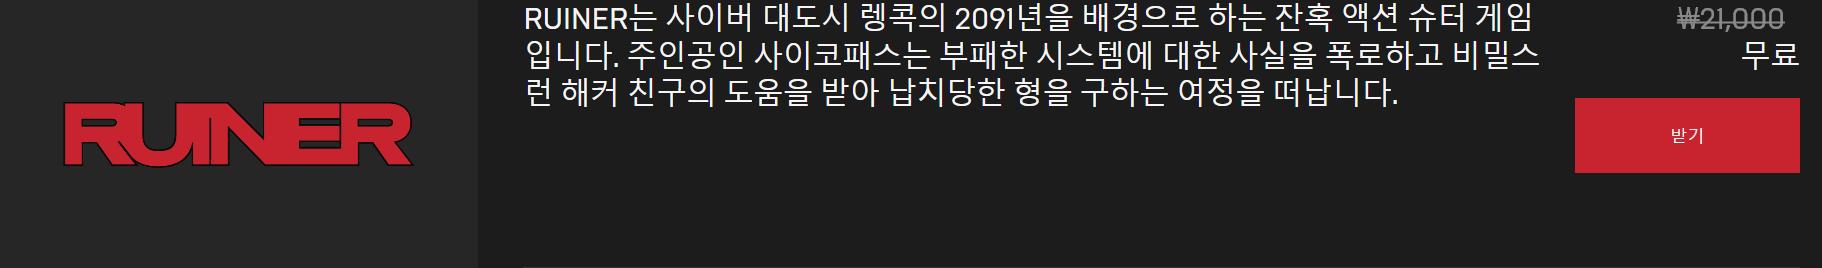 Screenshot_2019-11-08 RUINER.png